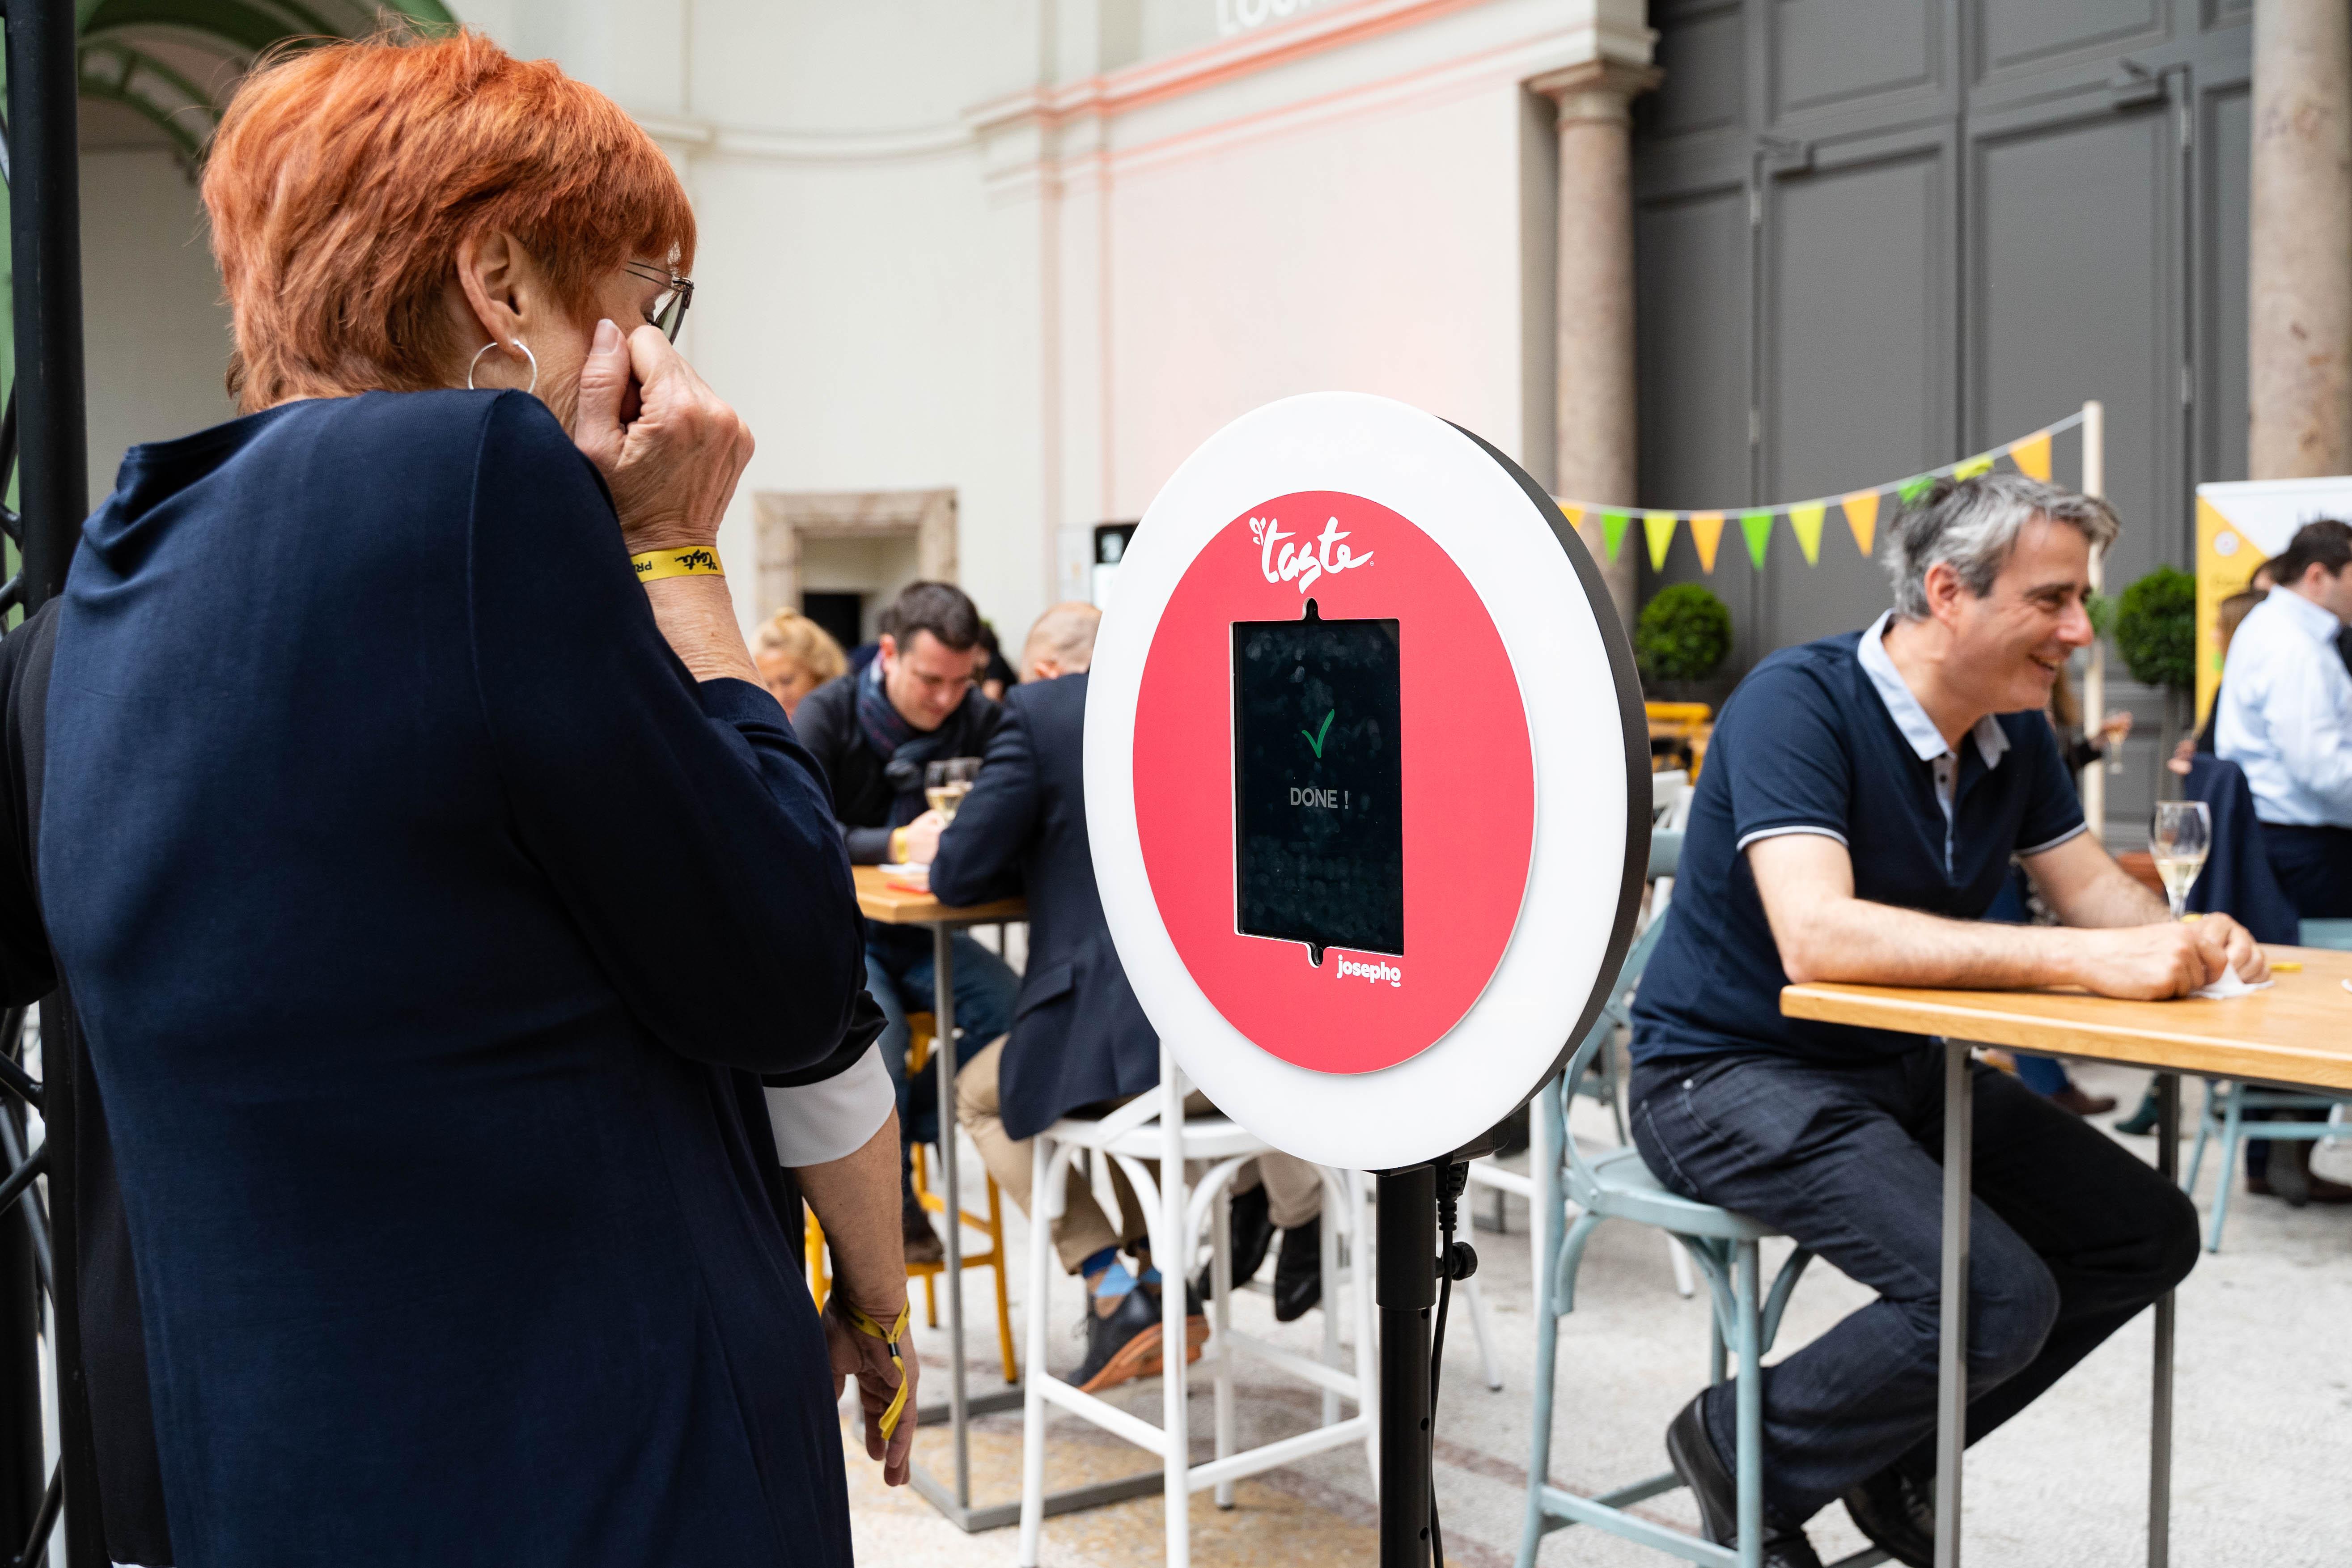 Sur le salon Taste of Paris, une femme se prend en photo avec le photobooth de Josepho personnalisé avec les couleurs et le logo Taste of Paris.